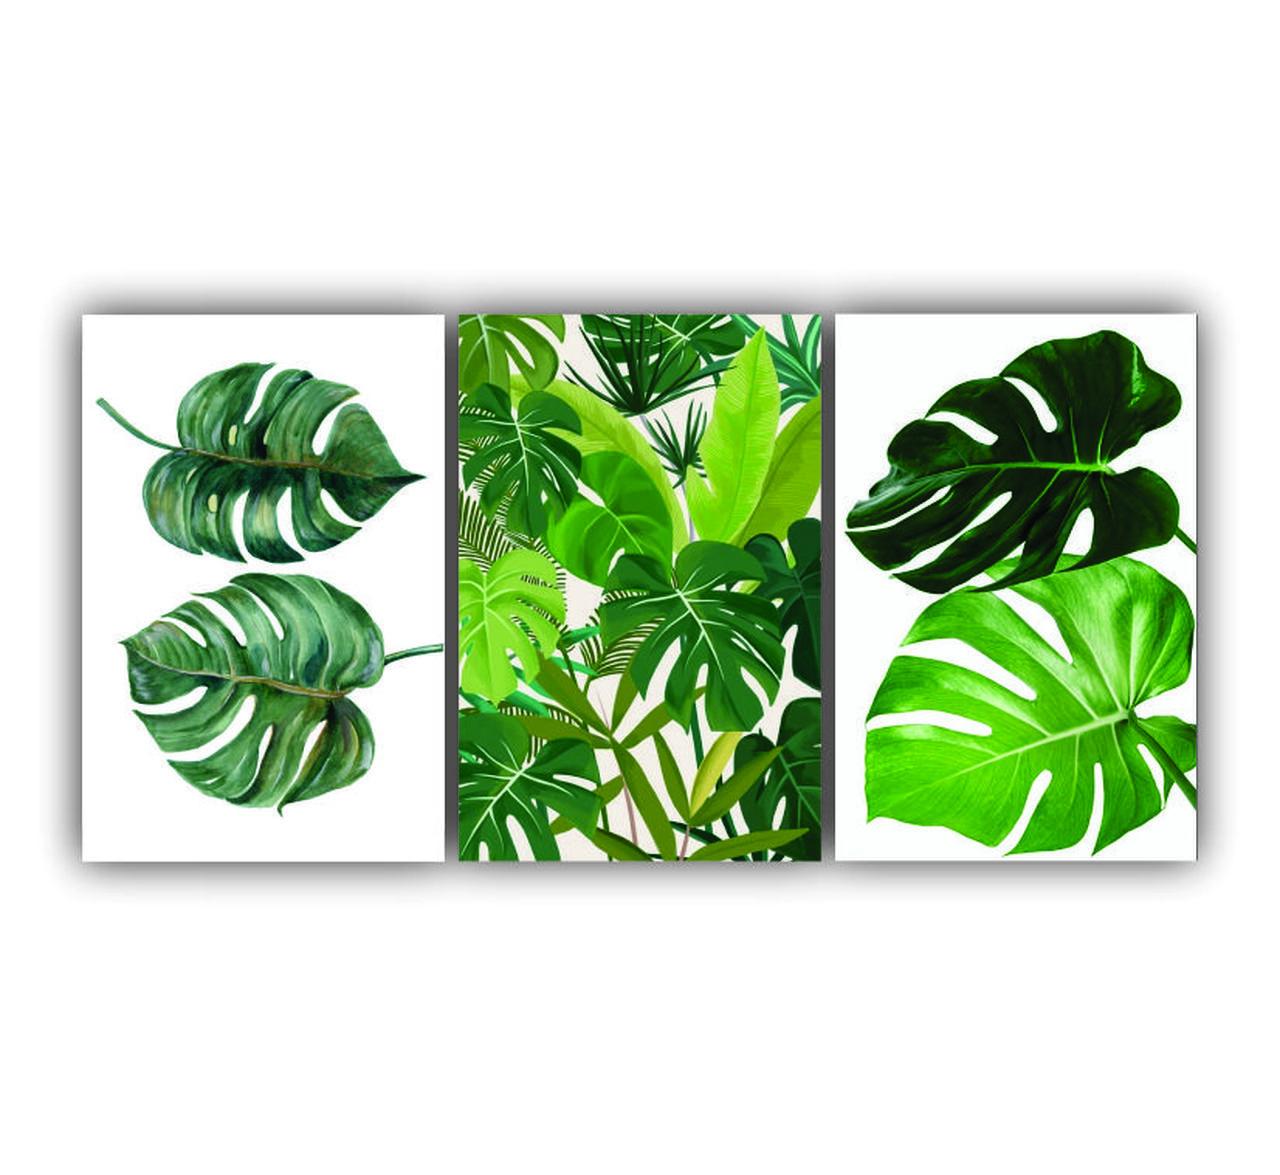 Quadro Natureza Folhas de Adão - Kit 3 telas